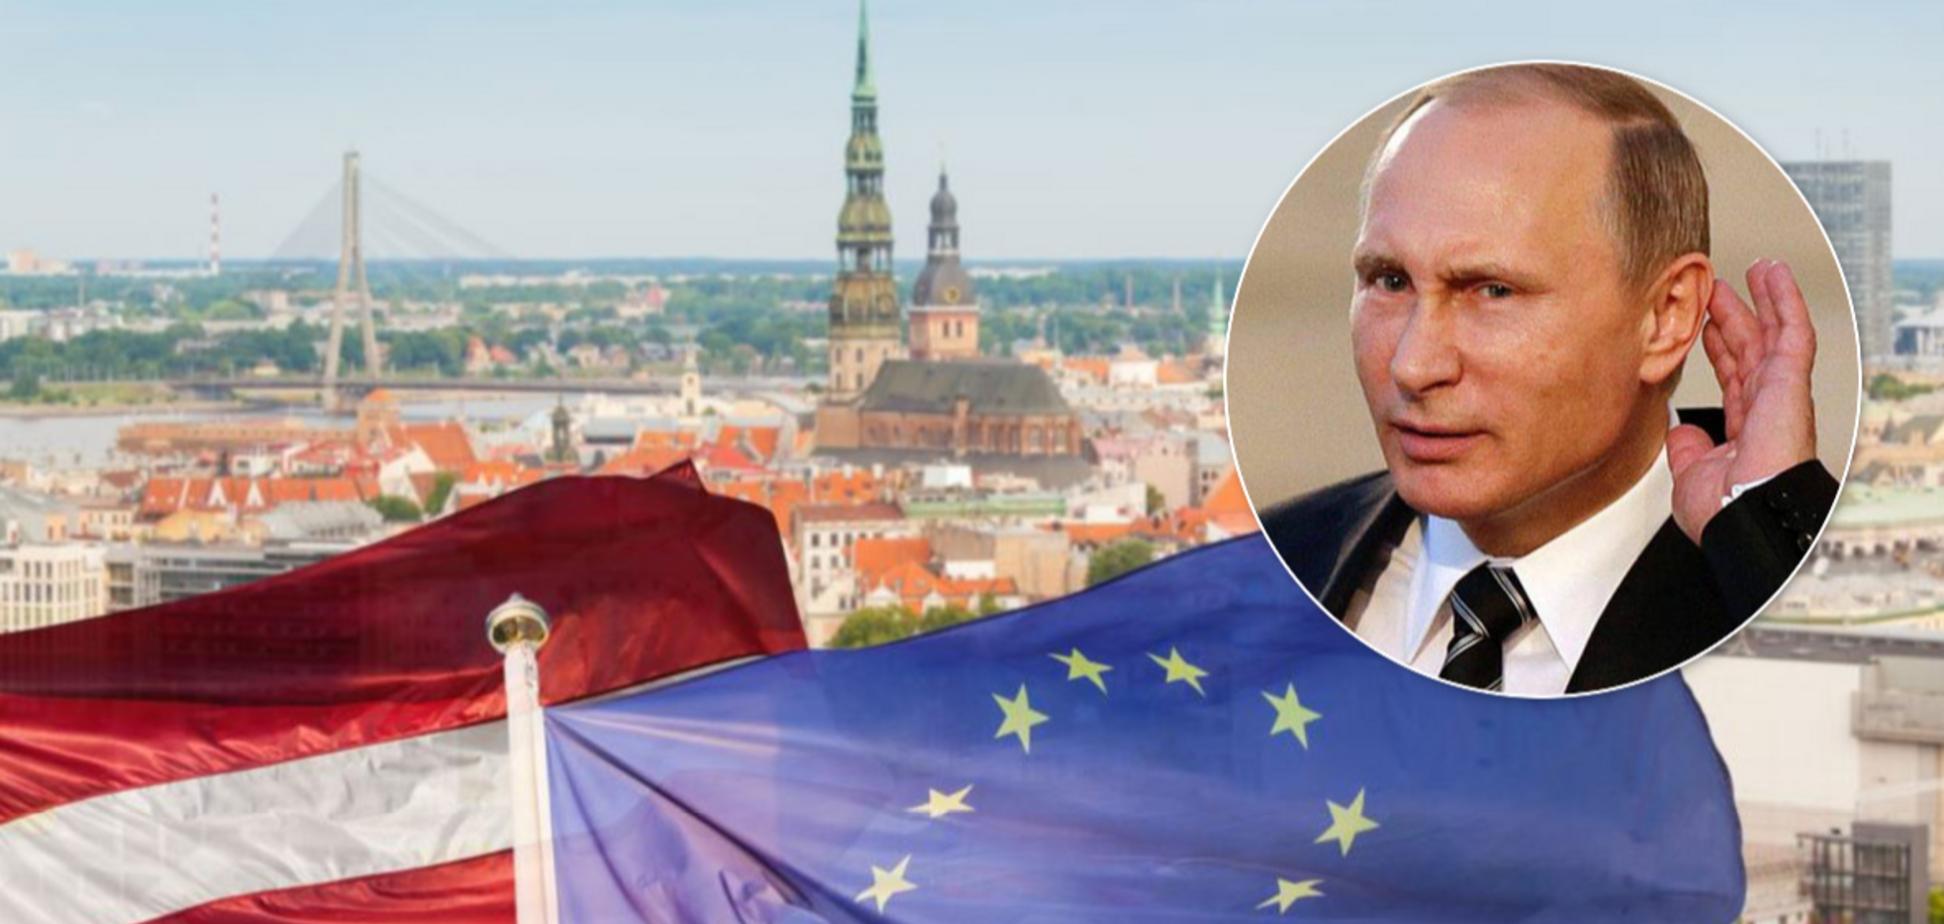 Сократить до минимума: президент страны ЕС пошел на радикальный шаг против России